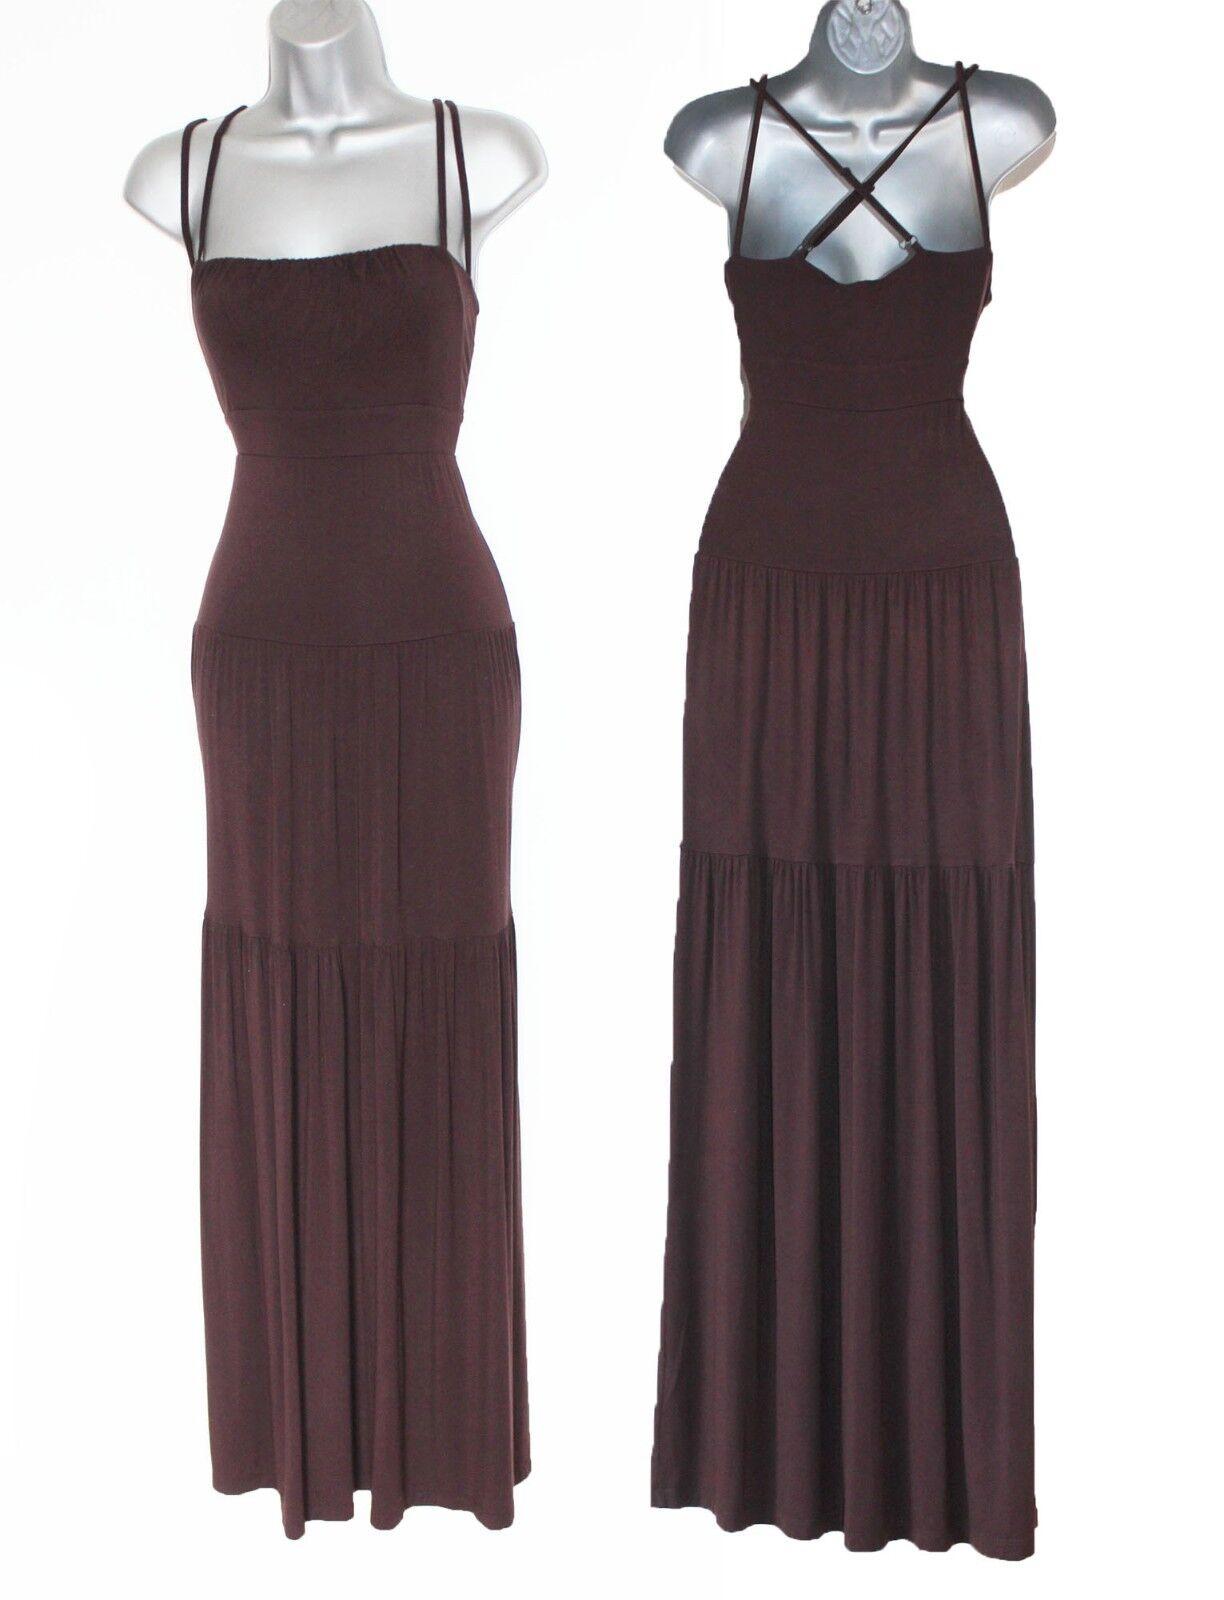 KAREN MILLEN braun Strappy Ruffled Fluid Fluid Fluid Summer Day Evening Maxi Dress 12 EU 40 586dc1